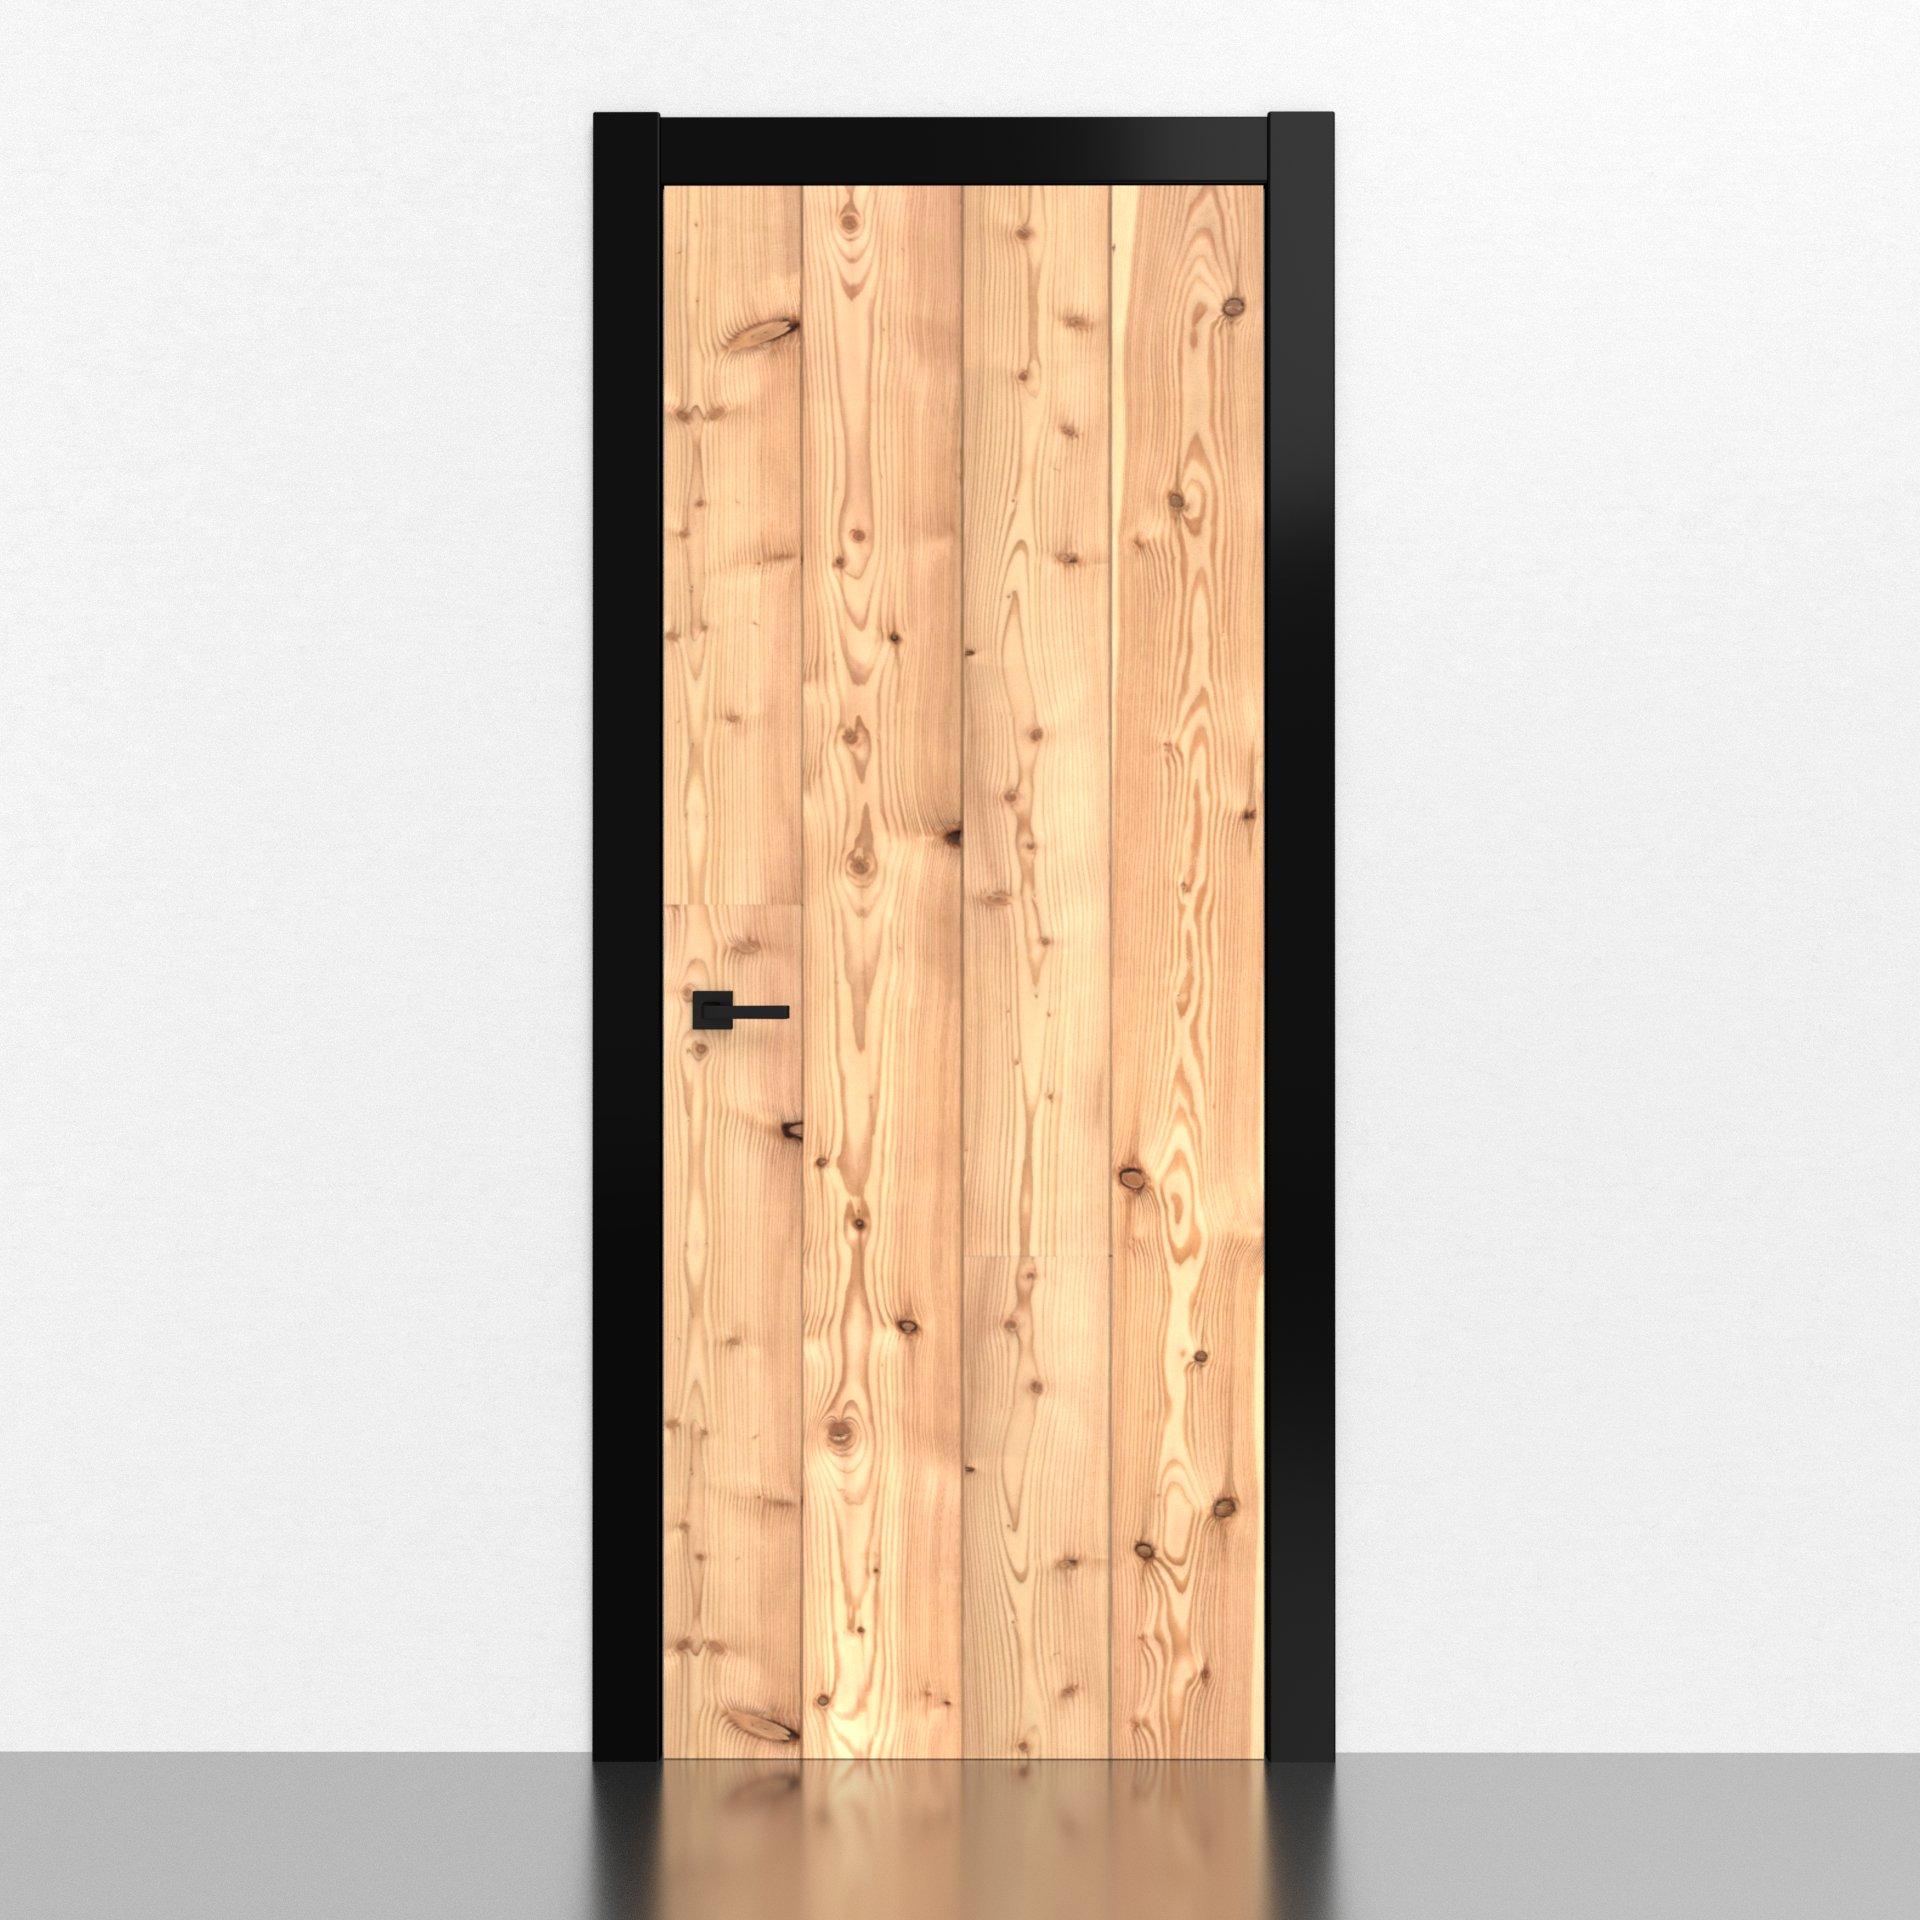 Decorazione per porte d'interni adesiva